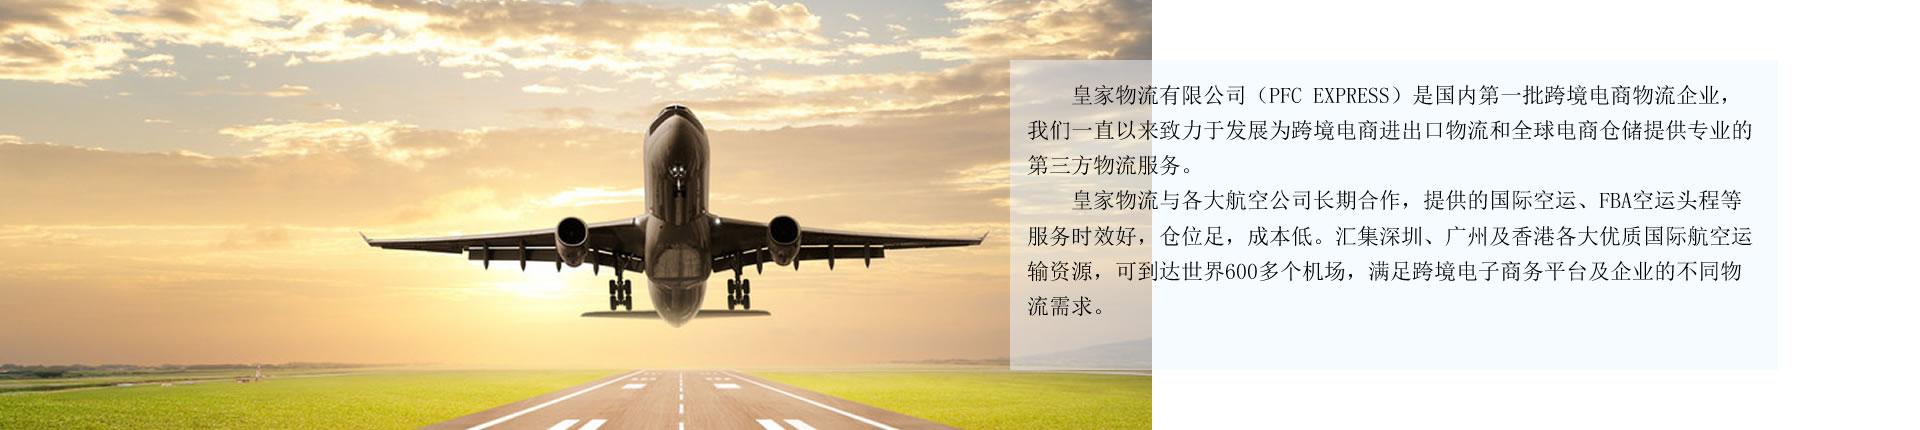 PFC国际空运